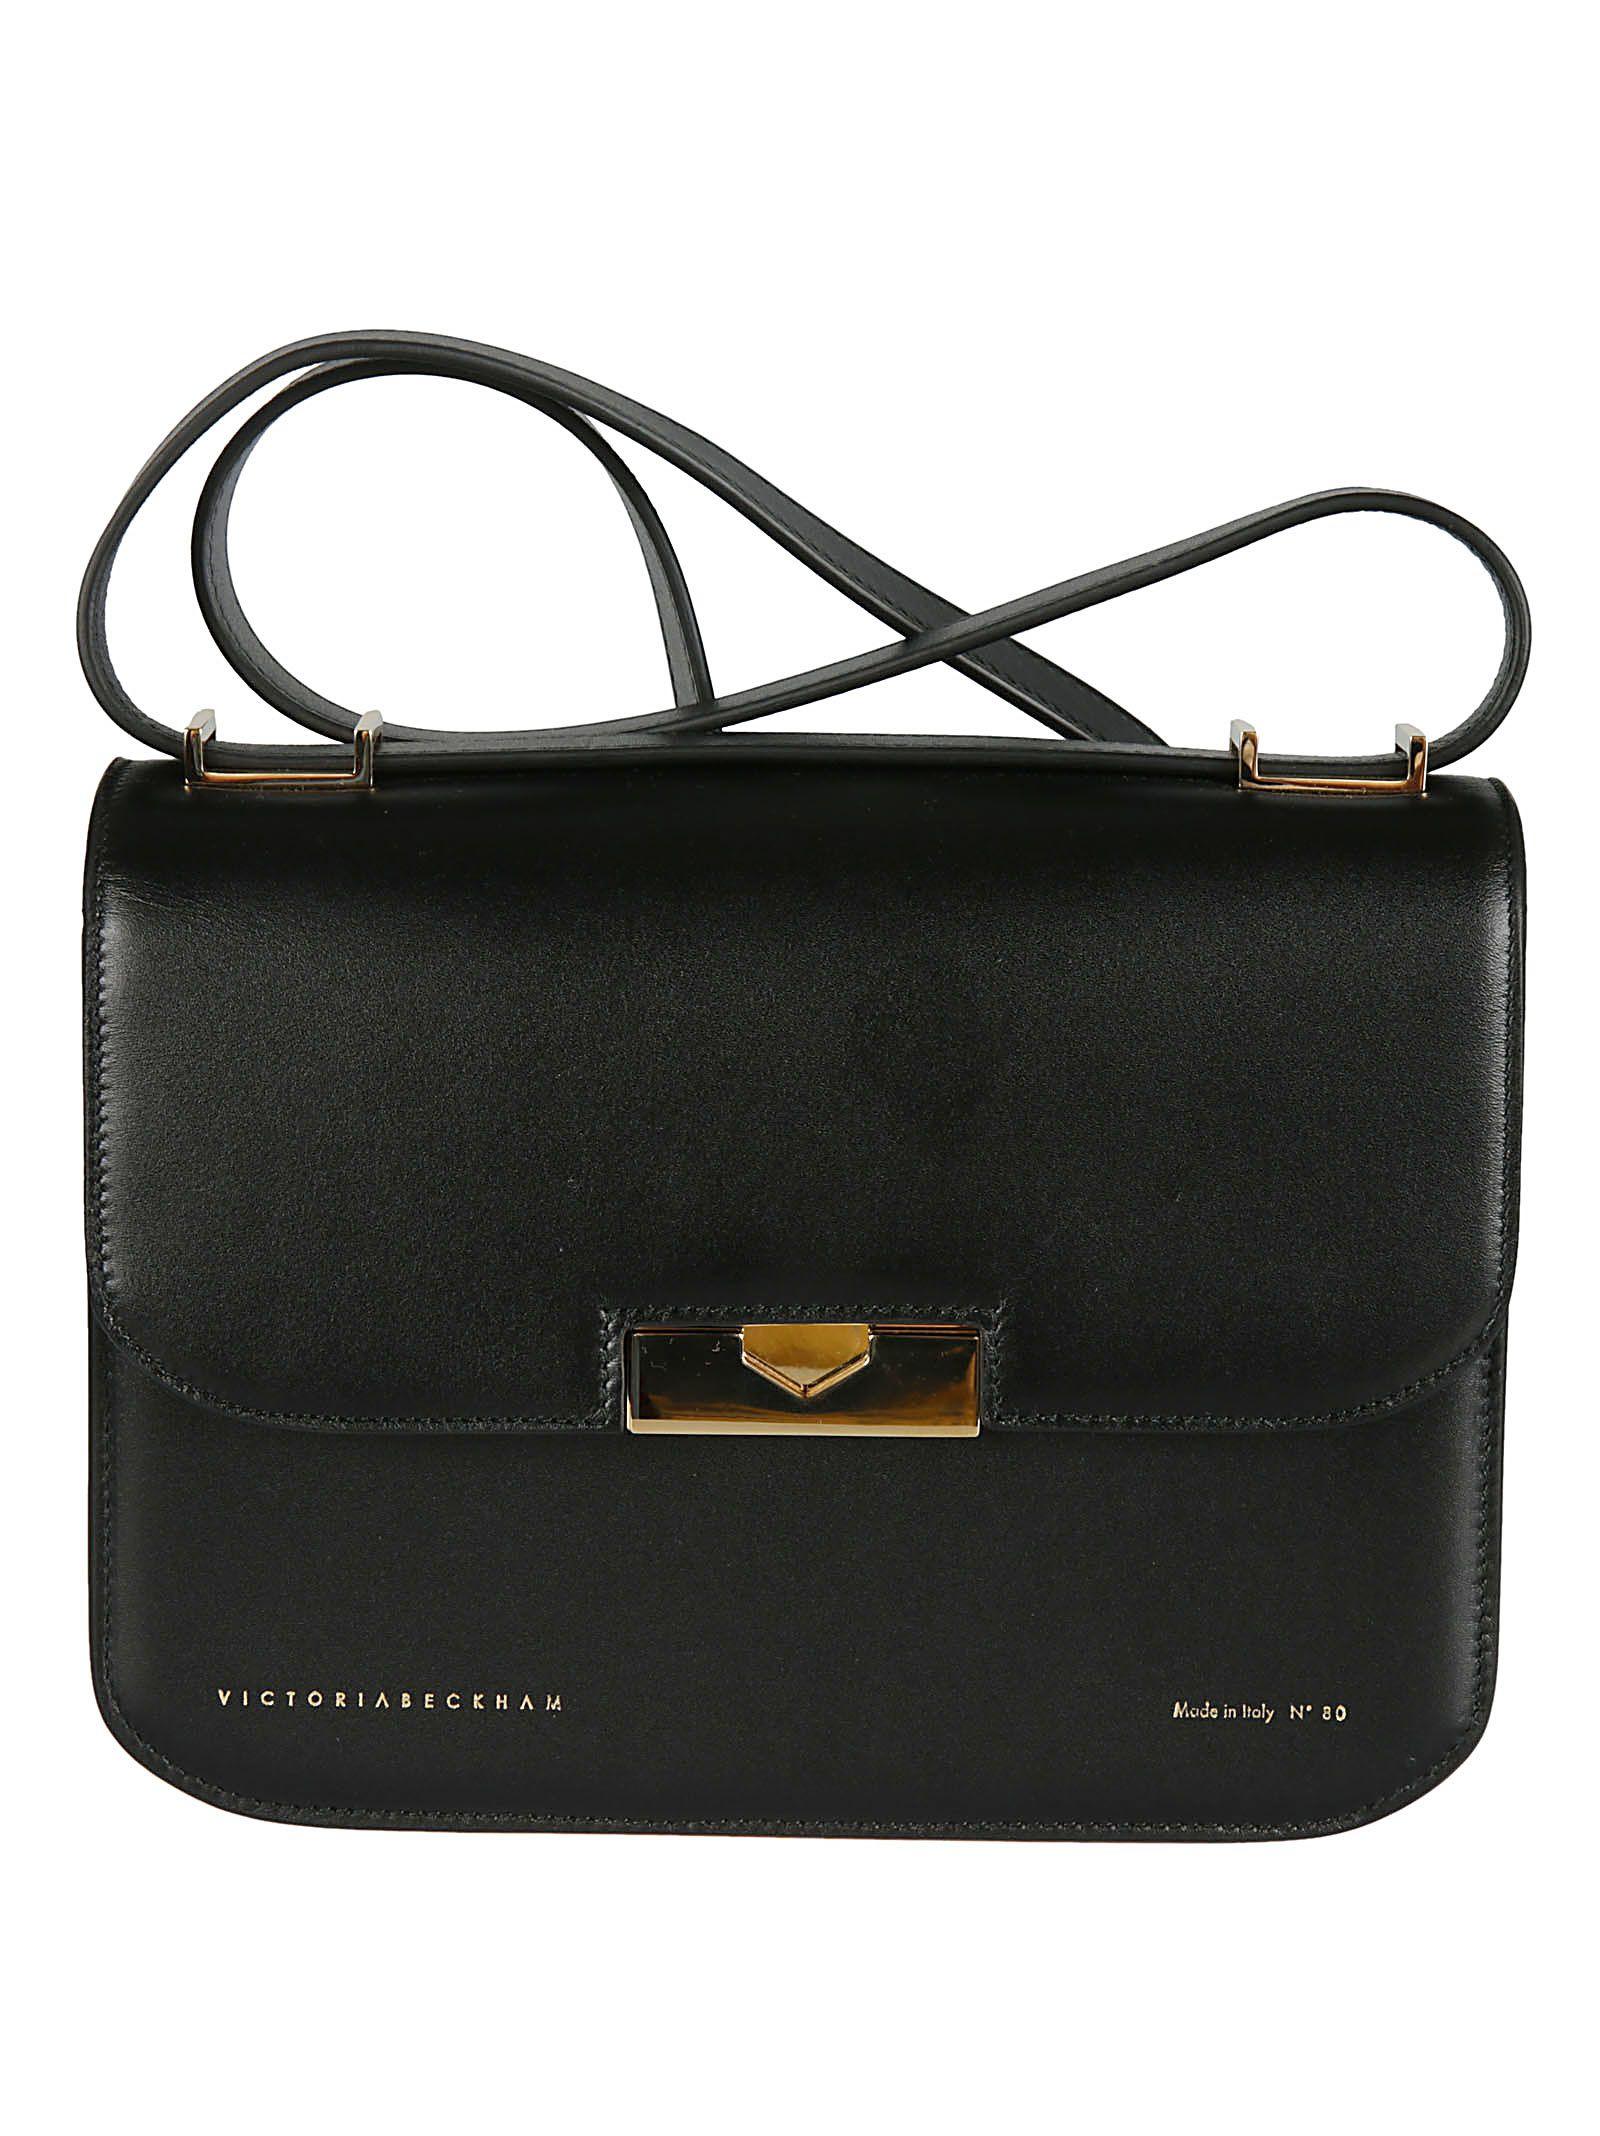 Eva Foldover Shoulder Bag in Black